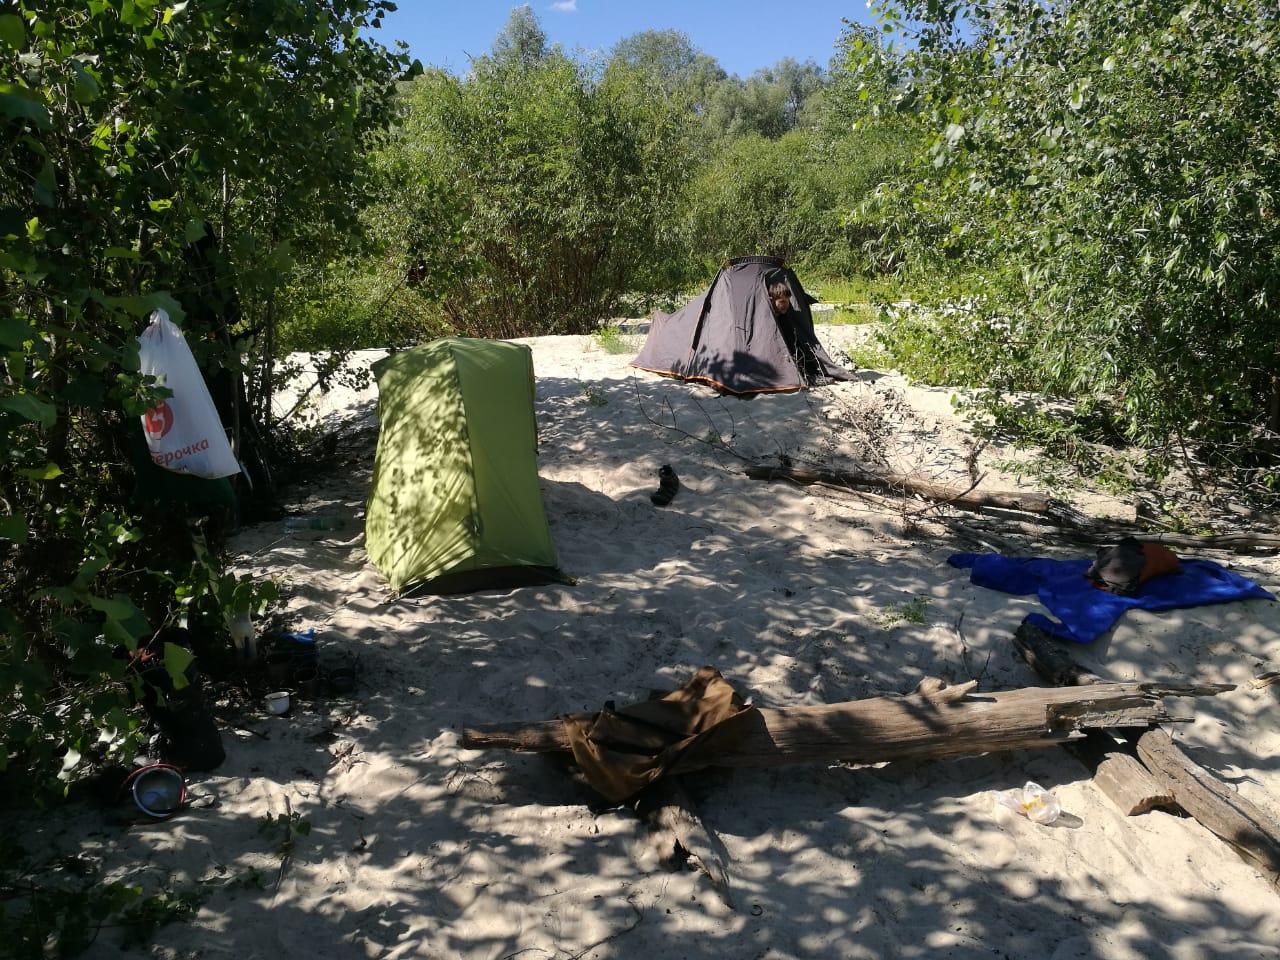 Но сперва надо собрать наш лагерь на реке Хопер, а потом уже и ехать дальше.